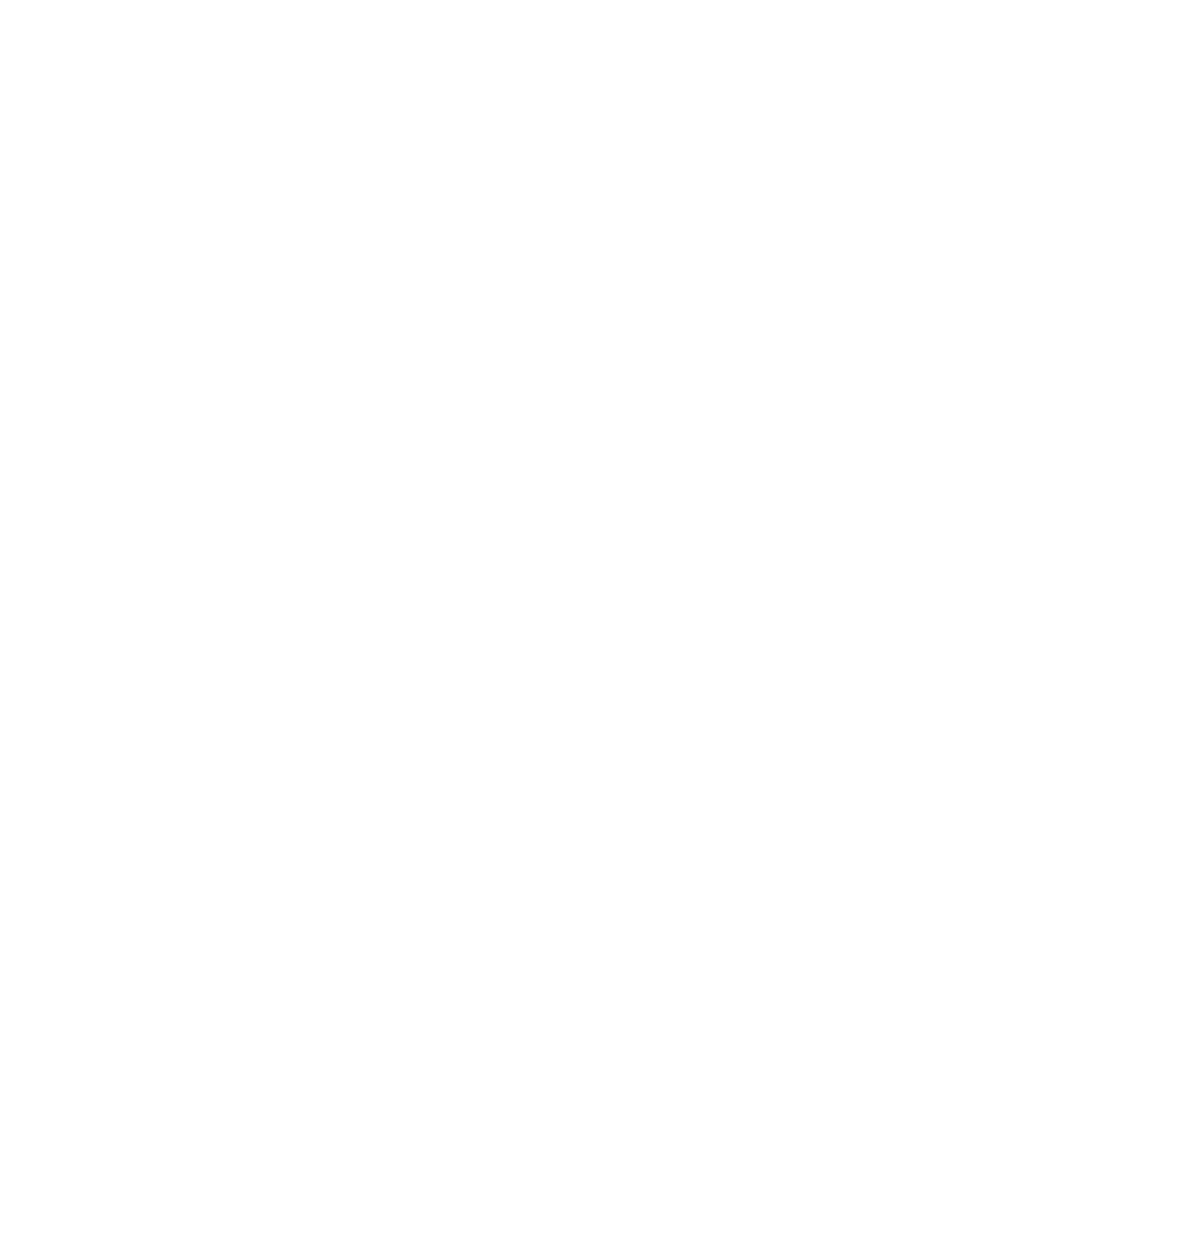 高石の皋月鍼灸整骨院 (さつき院)